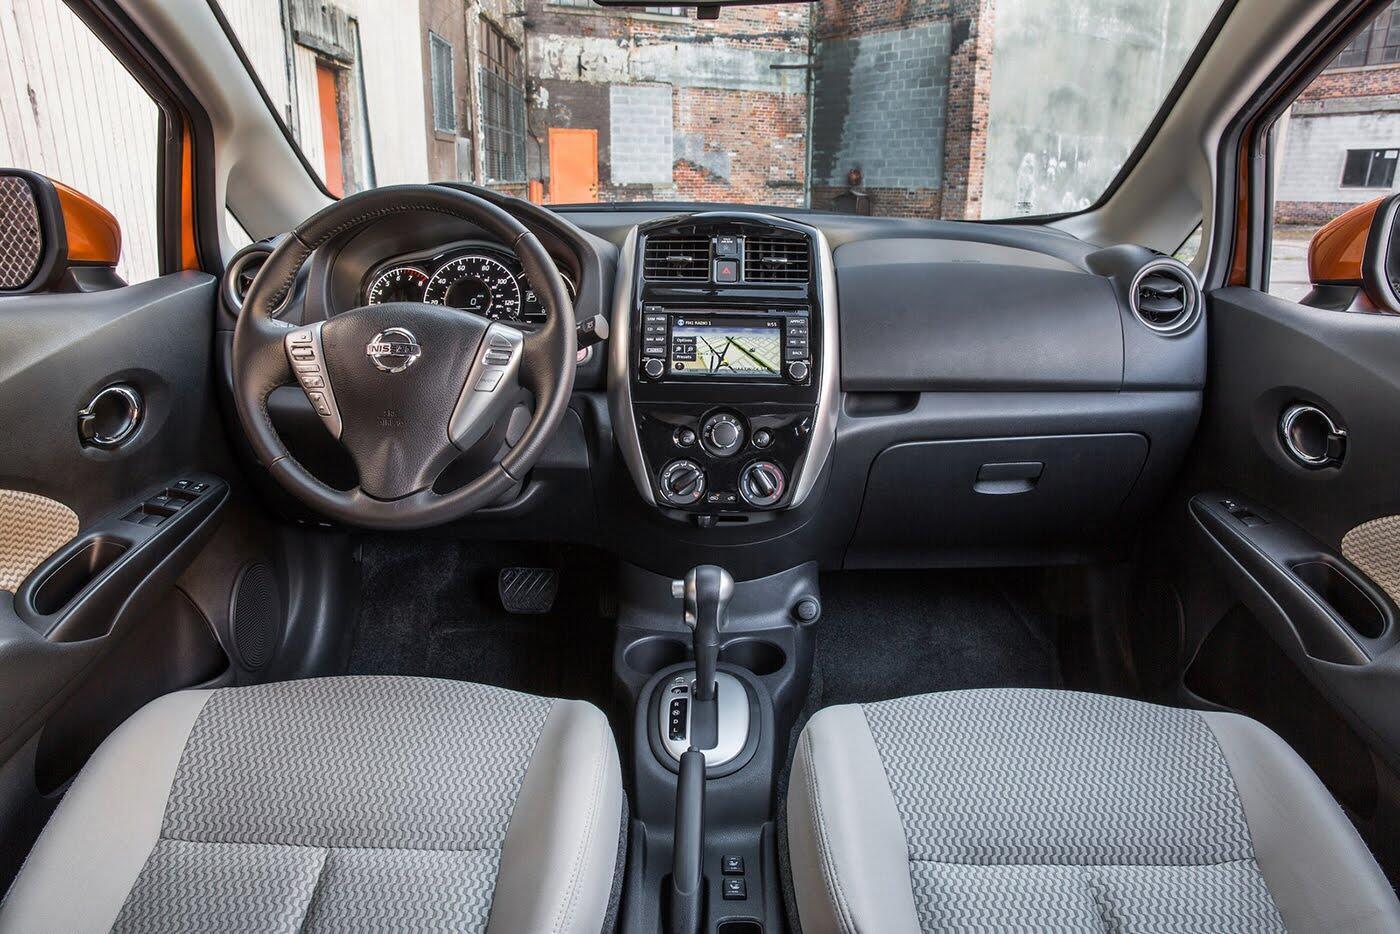 Nissan Sunny 2018 có thêm phiên bản hatchback - Hình 6